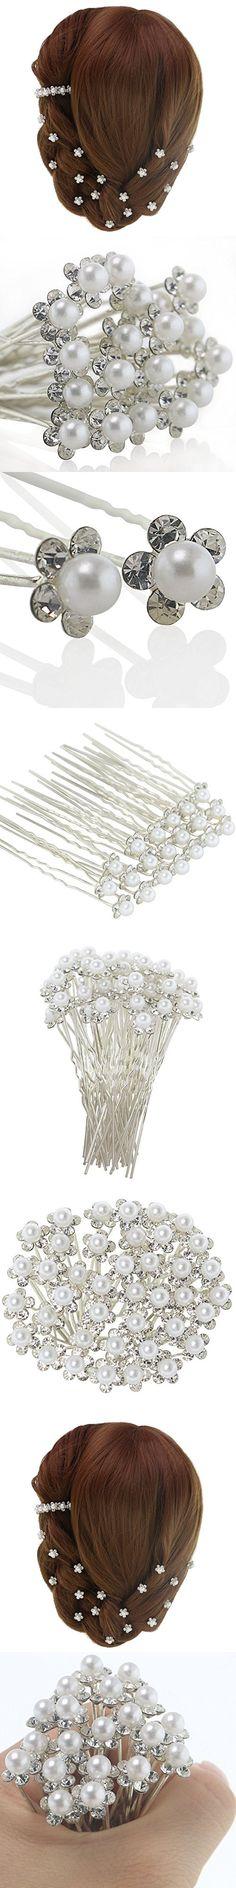 QingHan Pearl Crystal Rhinestone Hair Pins Vintage Wedding Bridal Artificial Flower Clips Bridesmaid Jewelry Pack Of 20